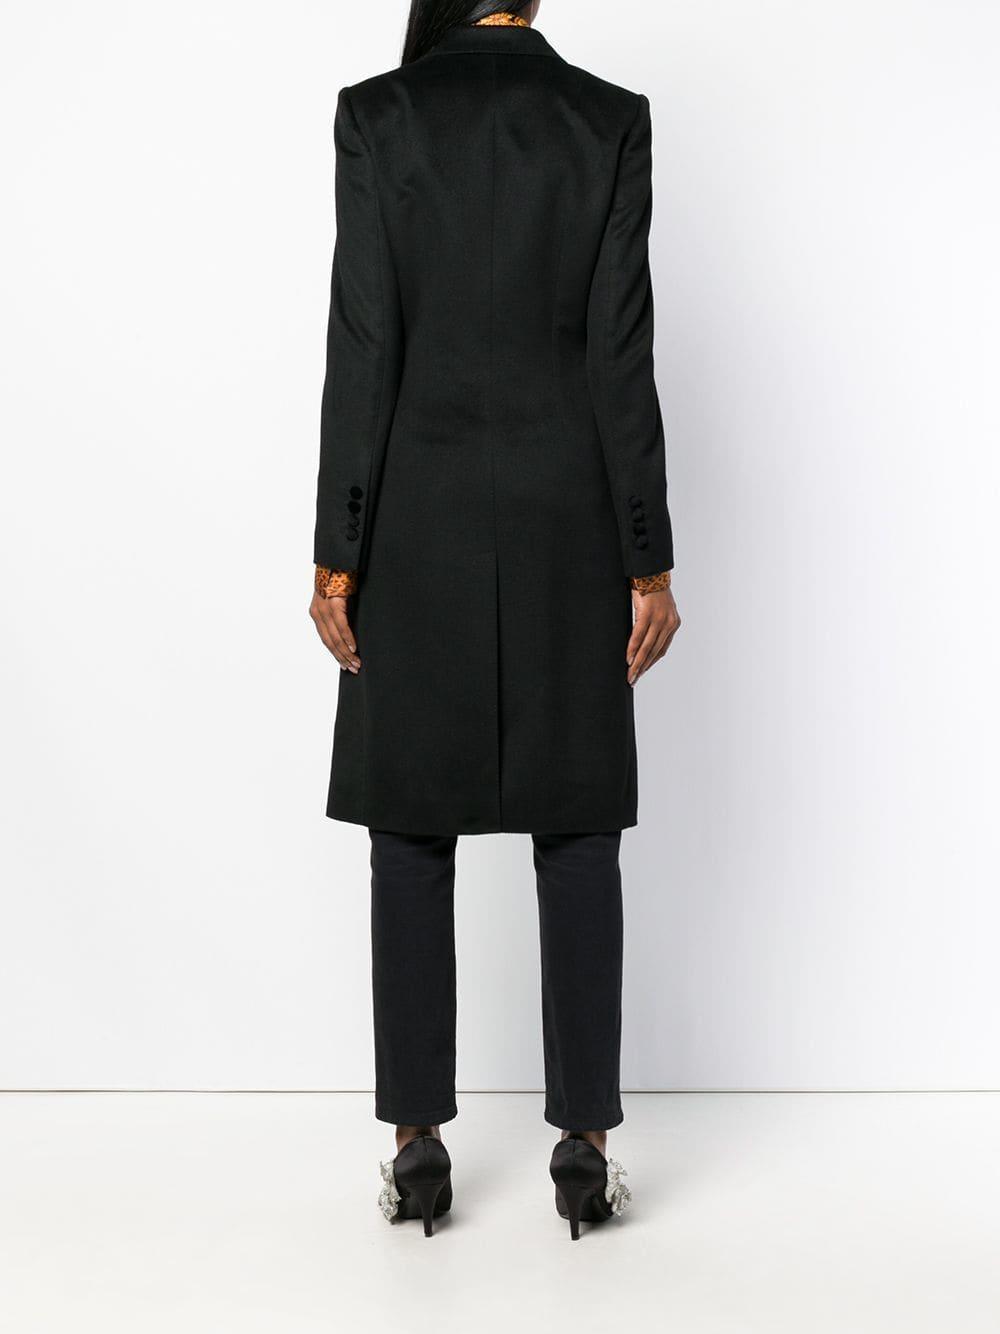 Manteau à poches à rabat Laines Dolce & Gabbana en coloris Noir ZwtCp